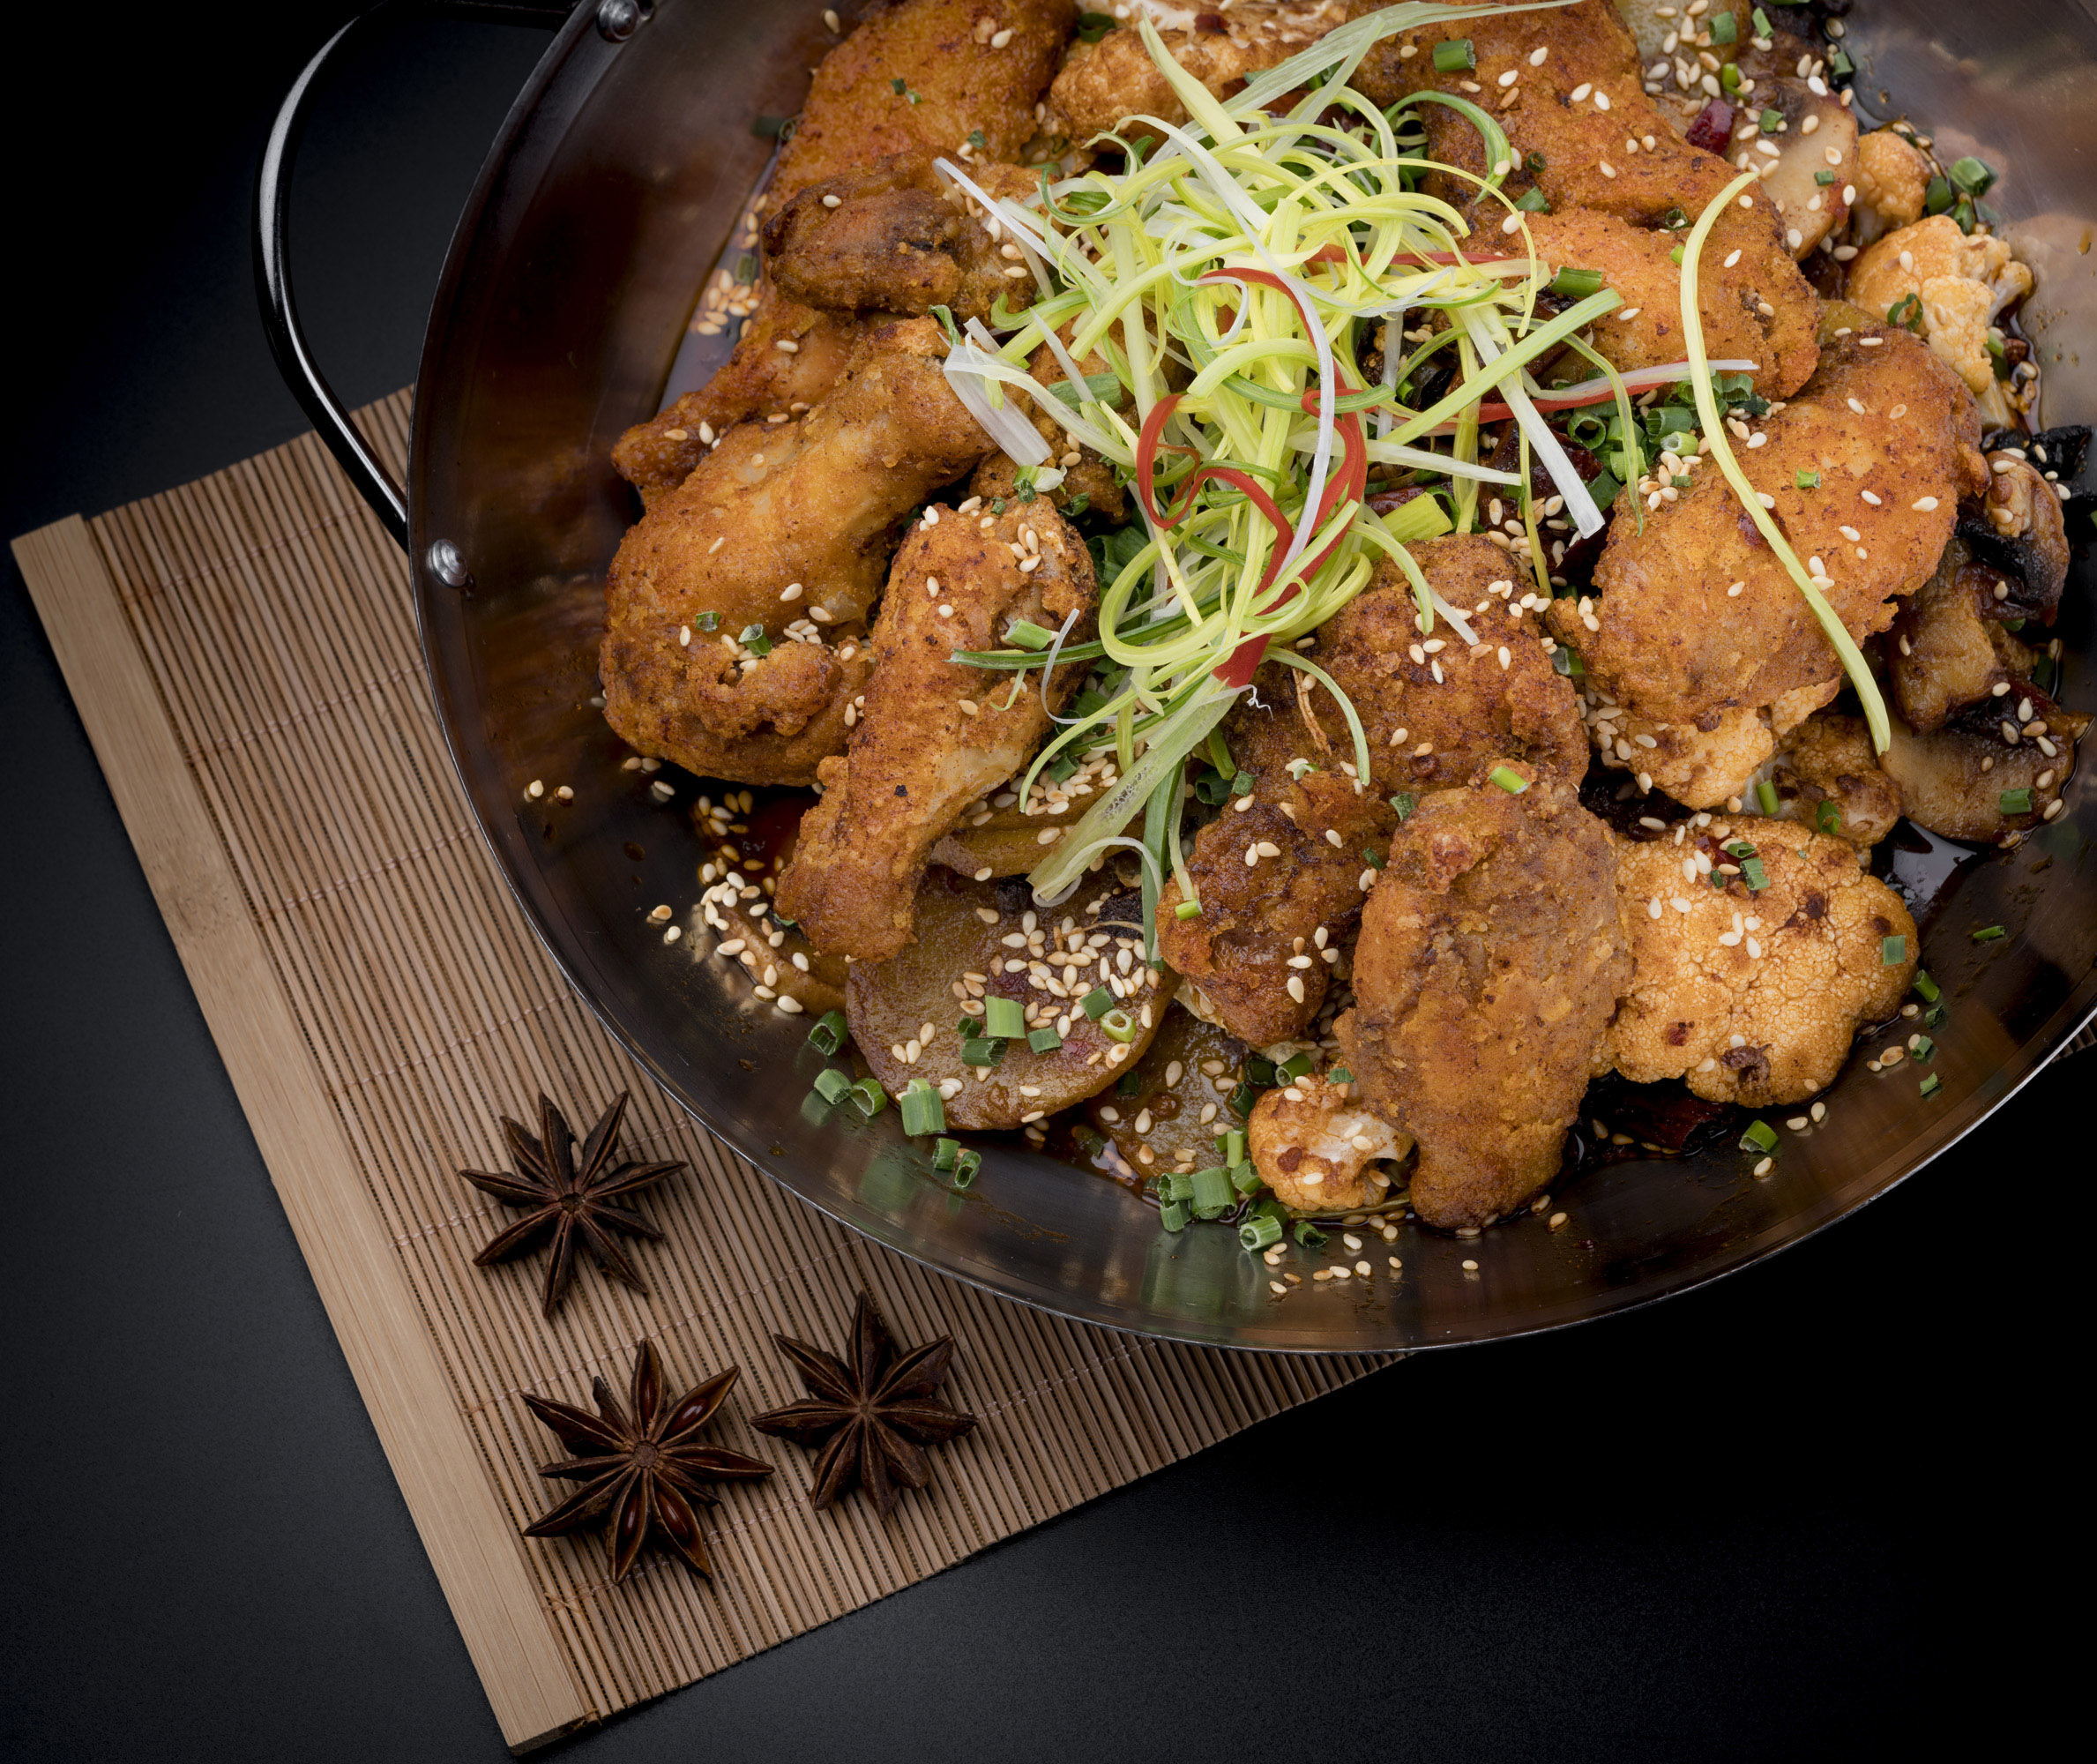 香锅鸡翅   Ailerons de poulet aux cinq épices dans une marmite